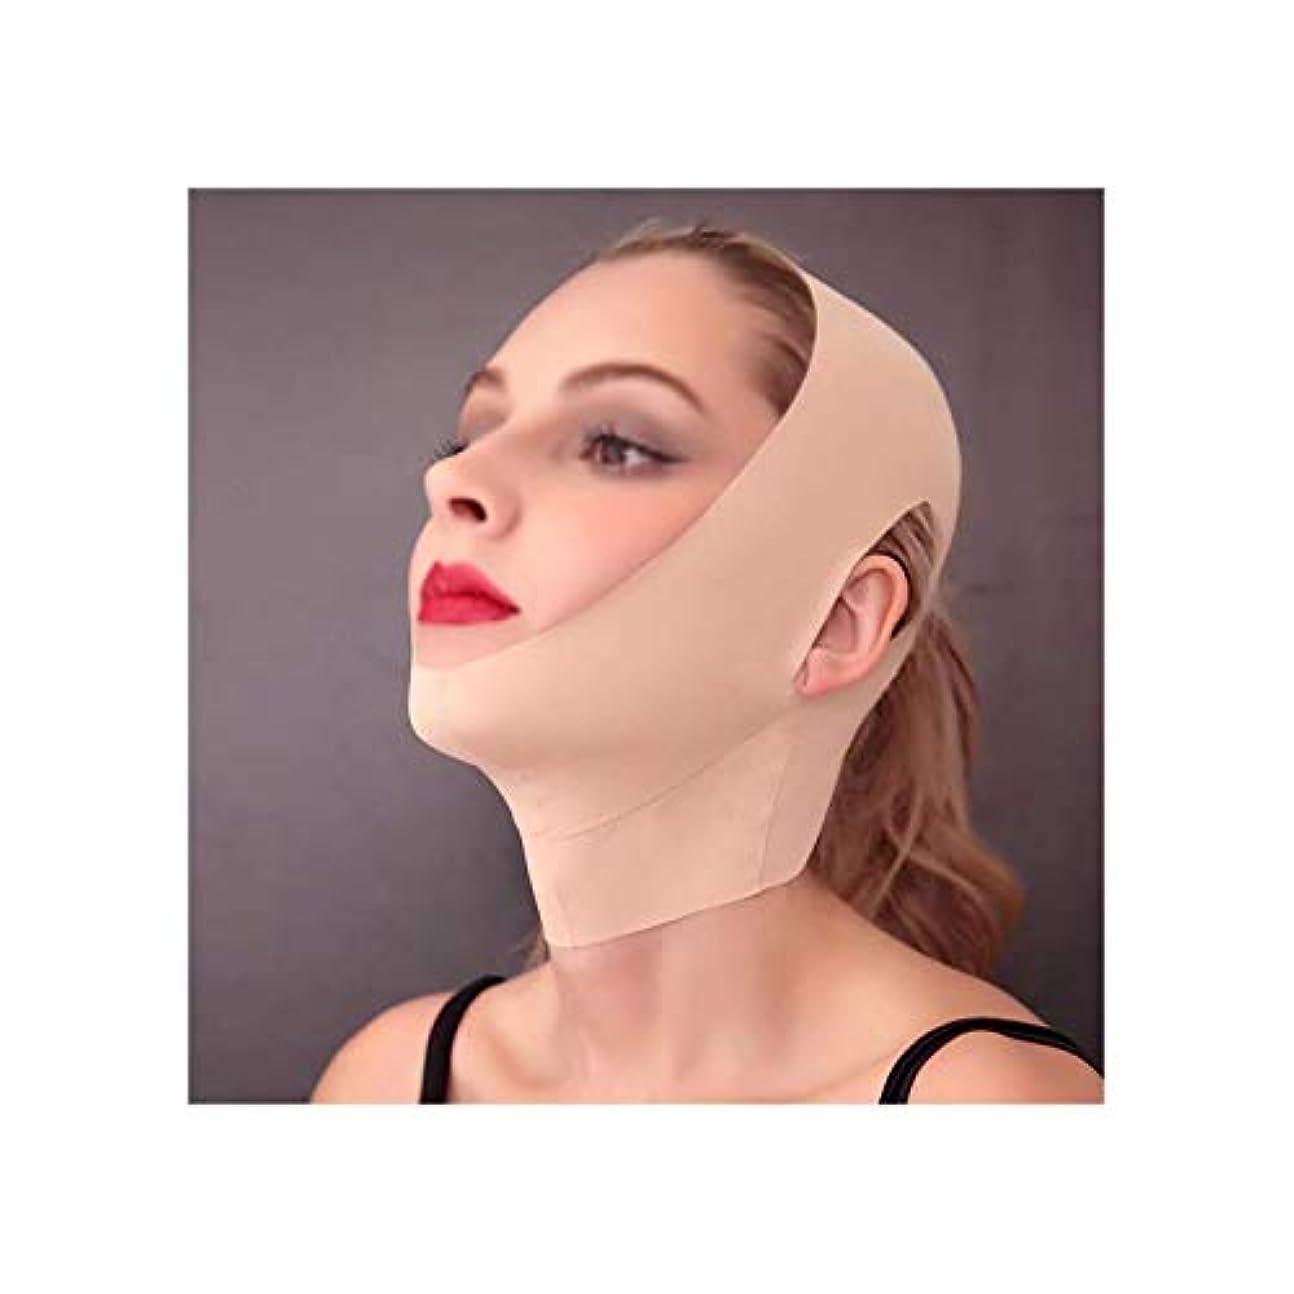 オン然としたダンプフェイシャルマスク、フェイスリフティングアーティファクト女性男性スリープフェイスVフェイスバンデージマスクリフティングフェイスコレクションファーミングフェイストゥーダブルチンスリミングベルト